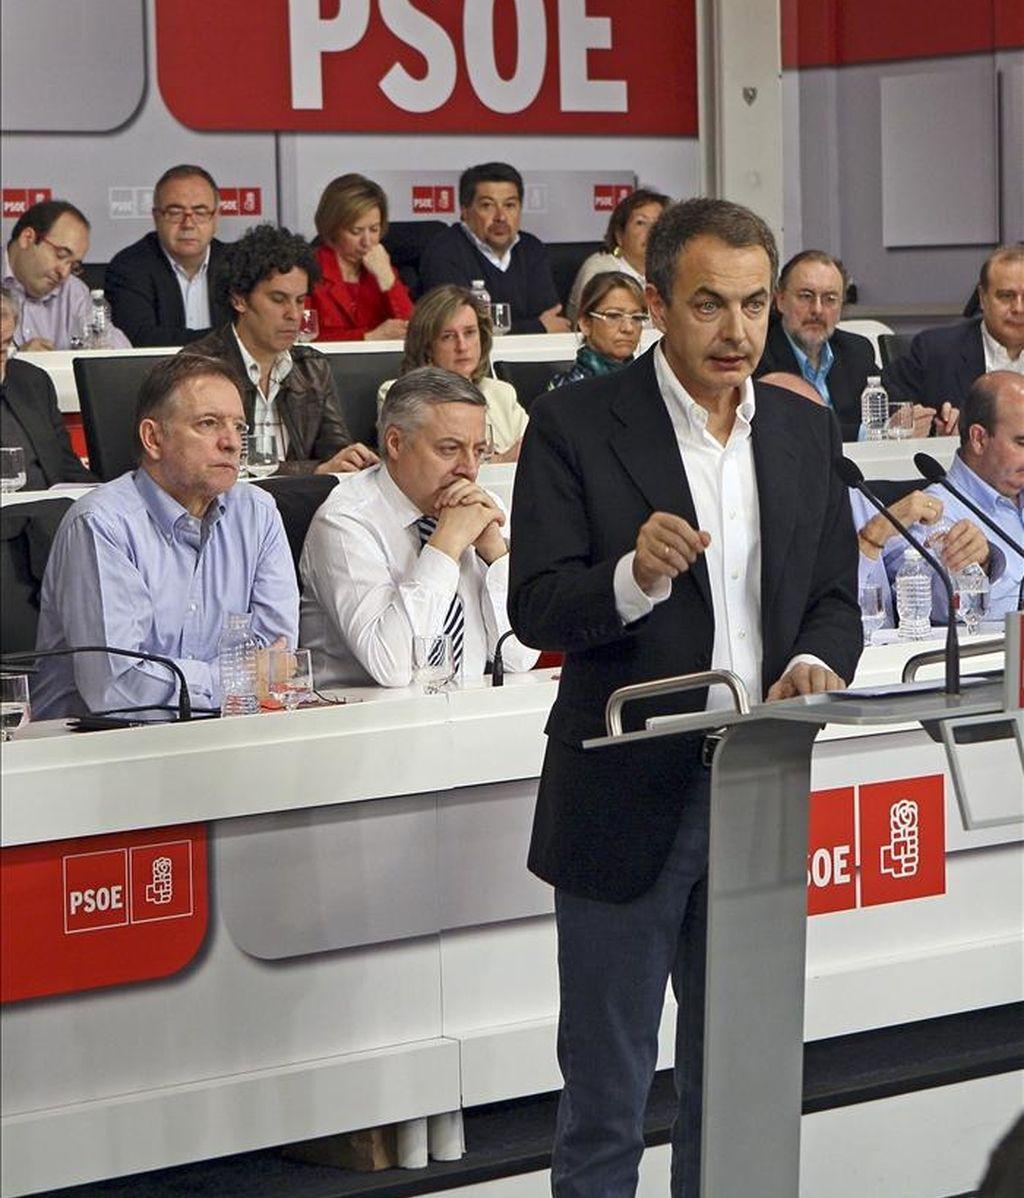 Fotografía facilitada por el PSOE del presidente del Gobierno, José Luis Rodríguez Zapatero, quien ha anunciado hoy que no volverá a ser candidato en las próximas elecciones generales en su intervención ante el Comité Federal del partido socialista celebrado en Madrid. EFE